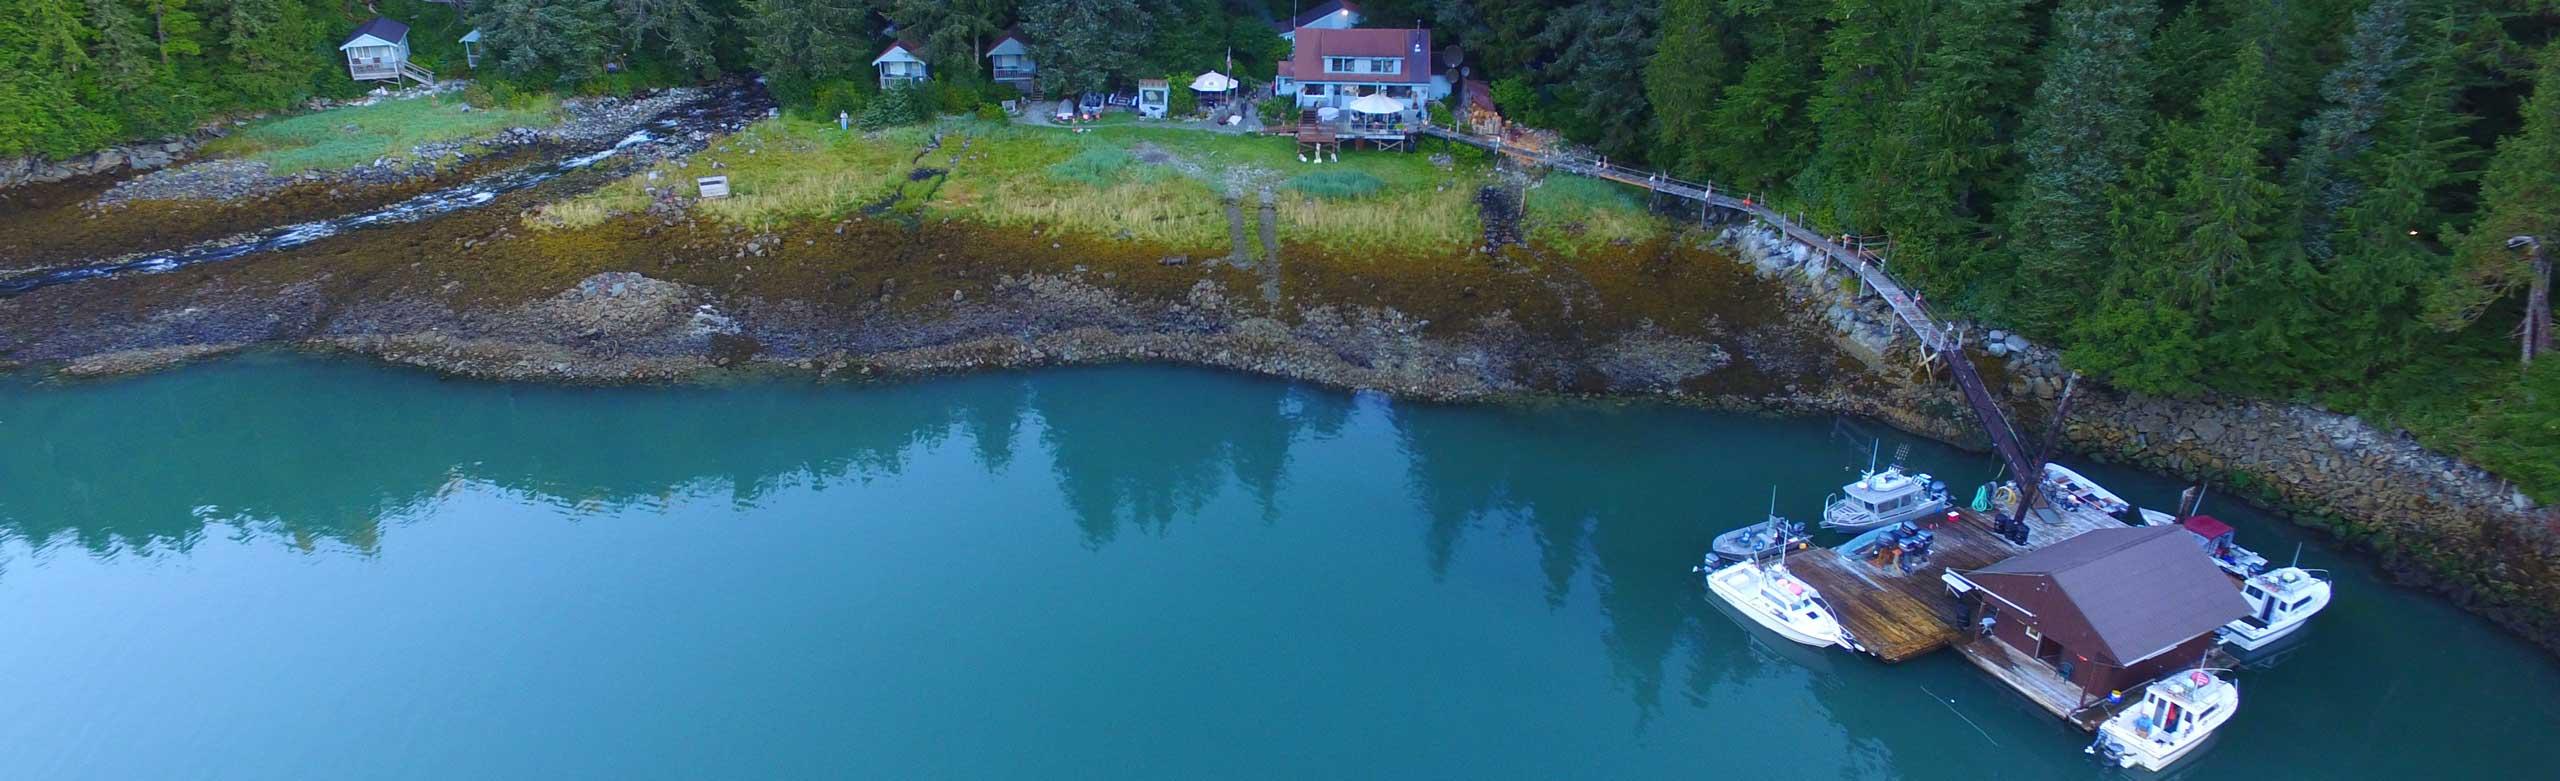 Baranof Wilderness Lodge